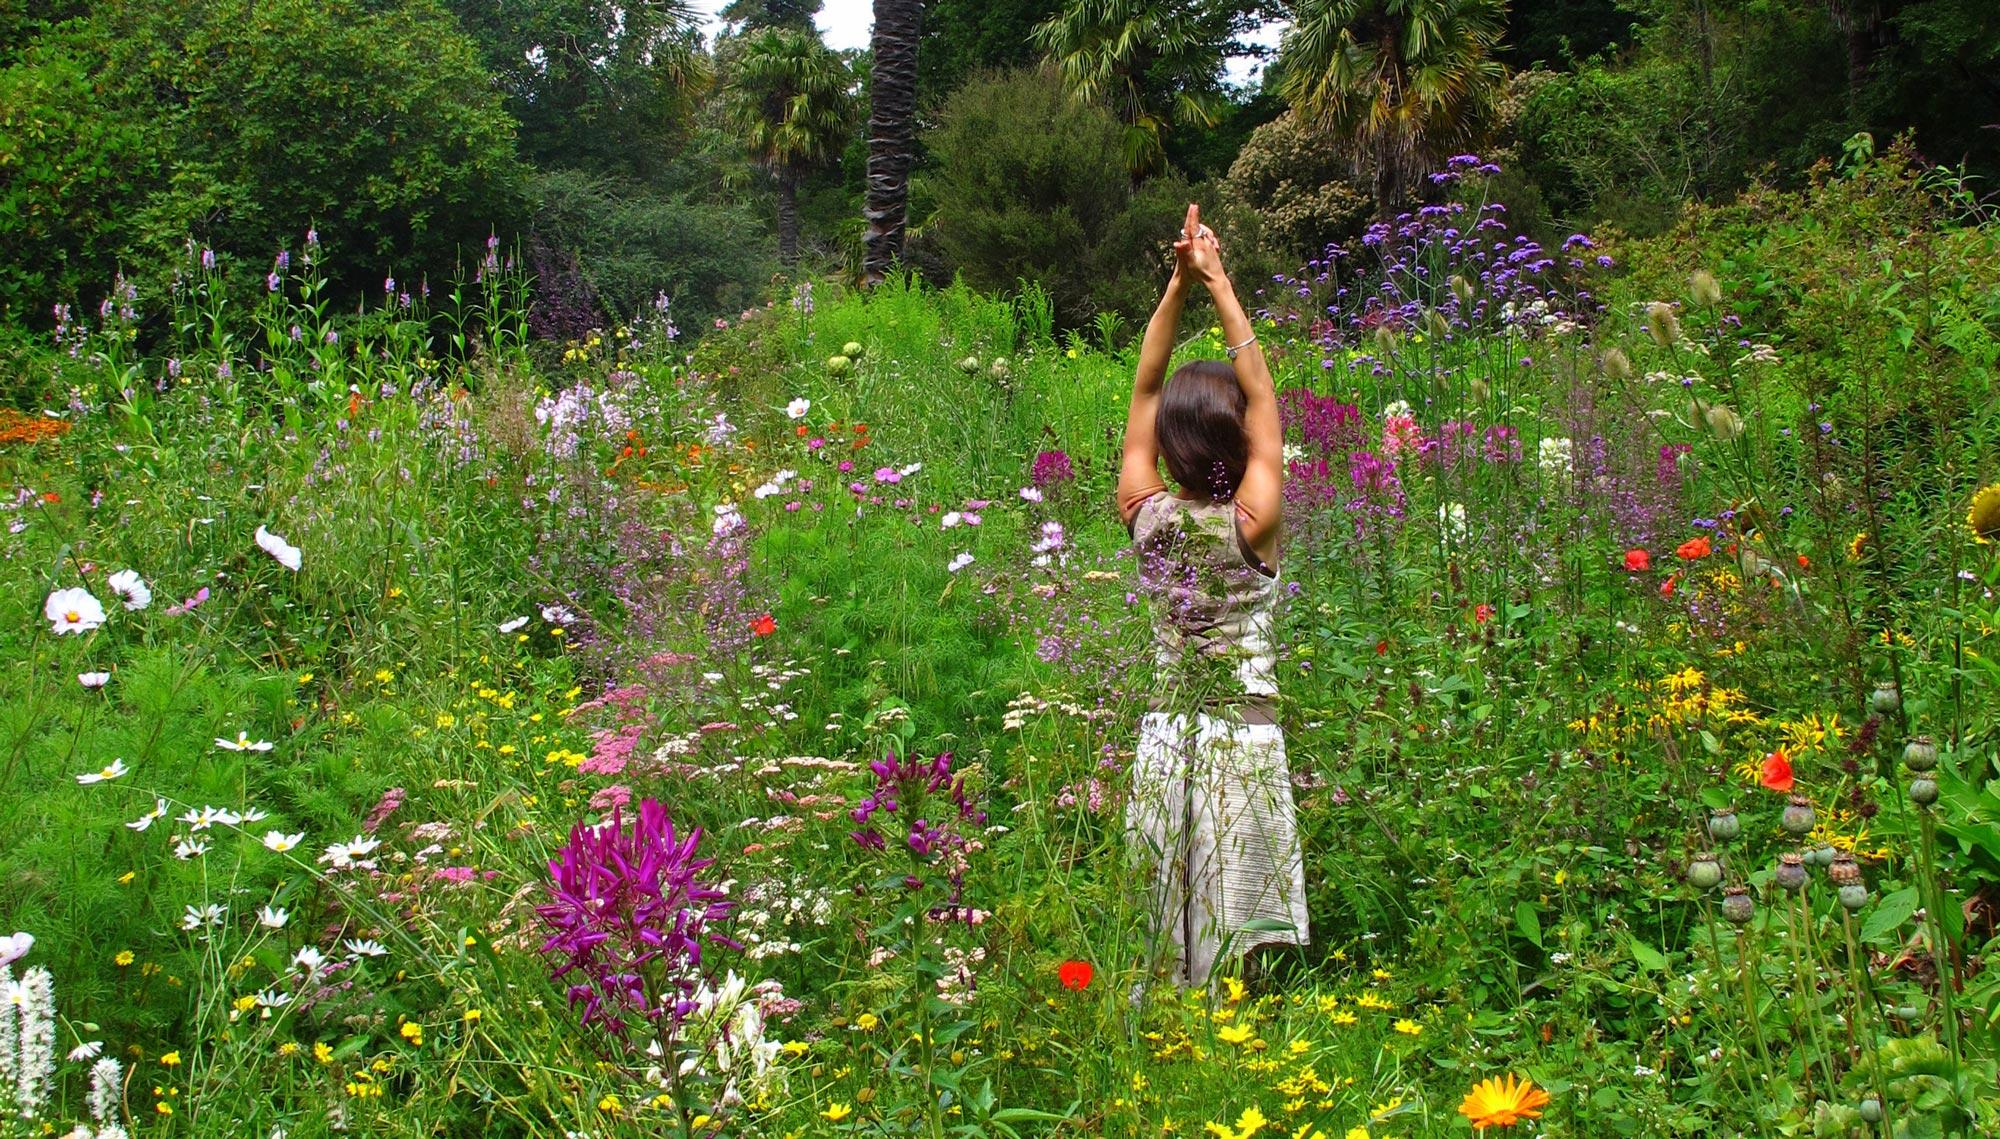 Nature Way - Angie Kinsella